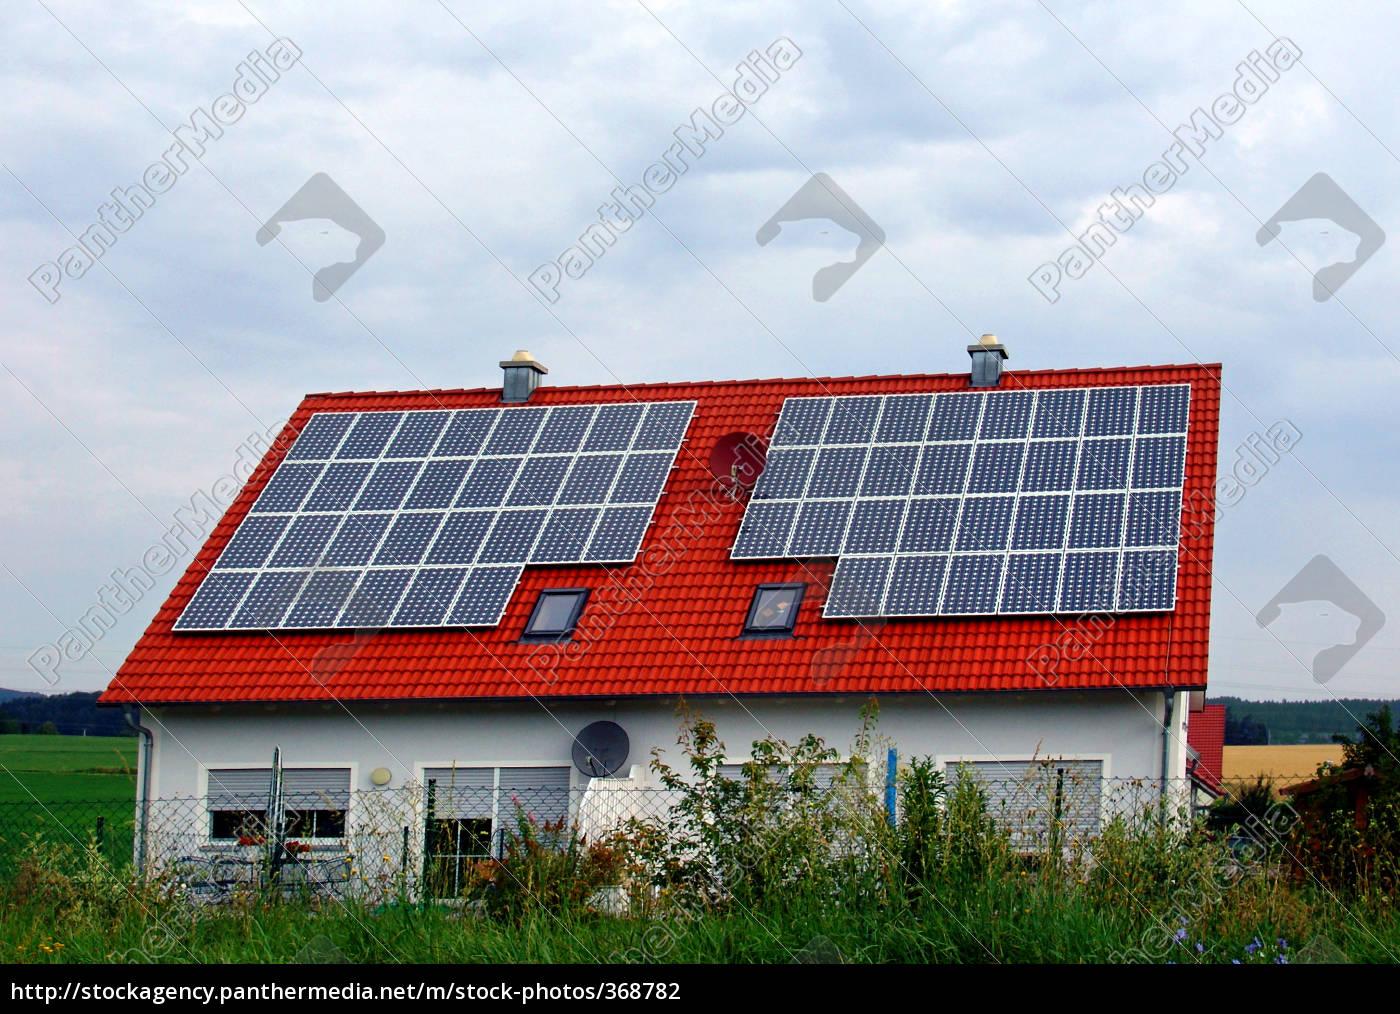 solarstrom - 368782